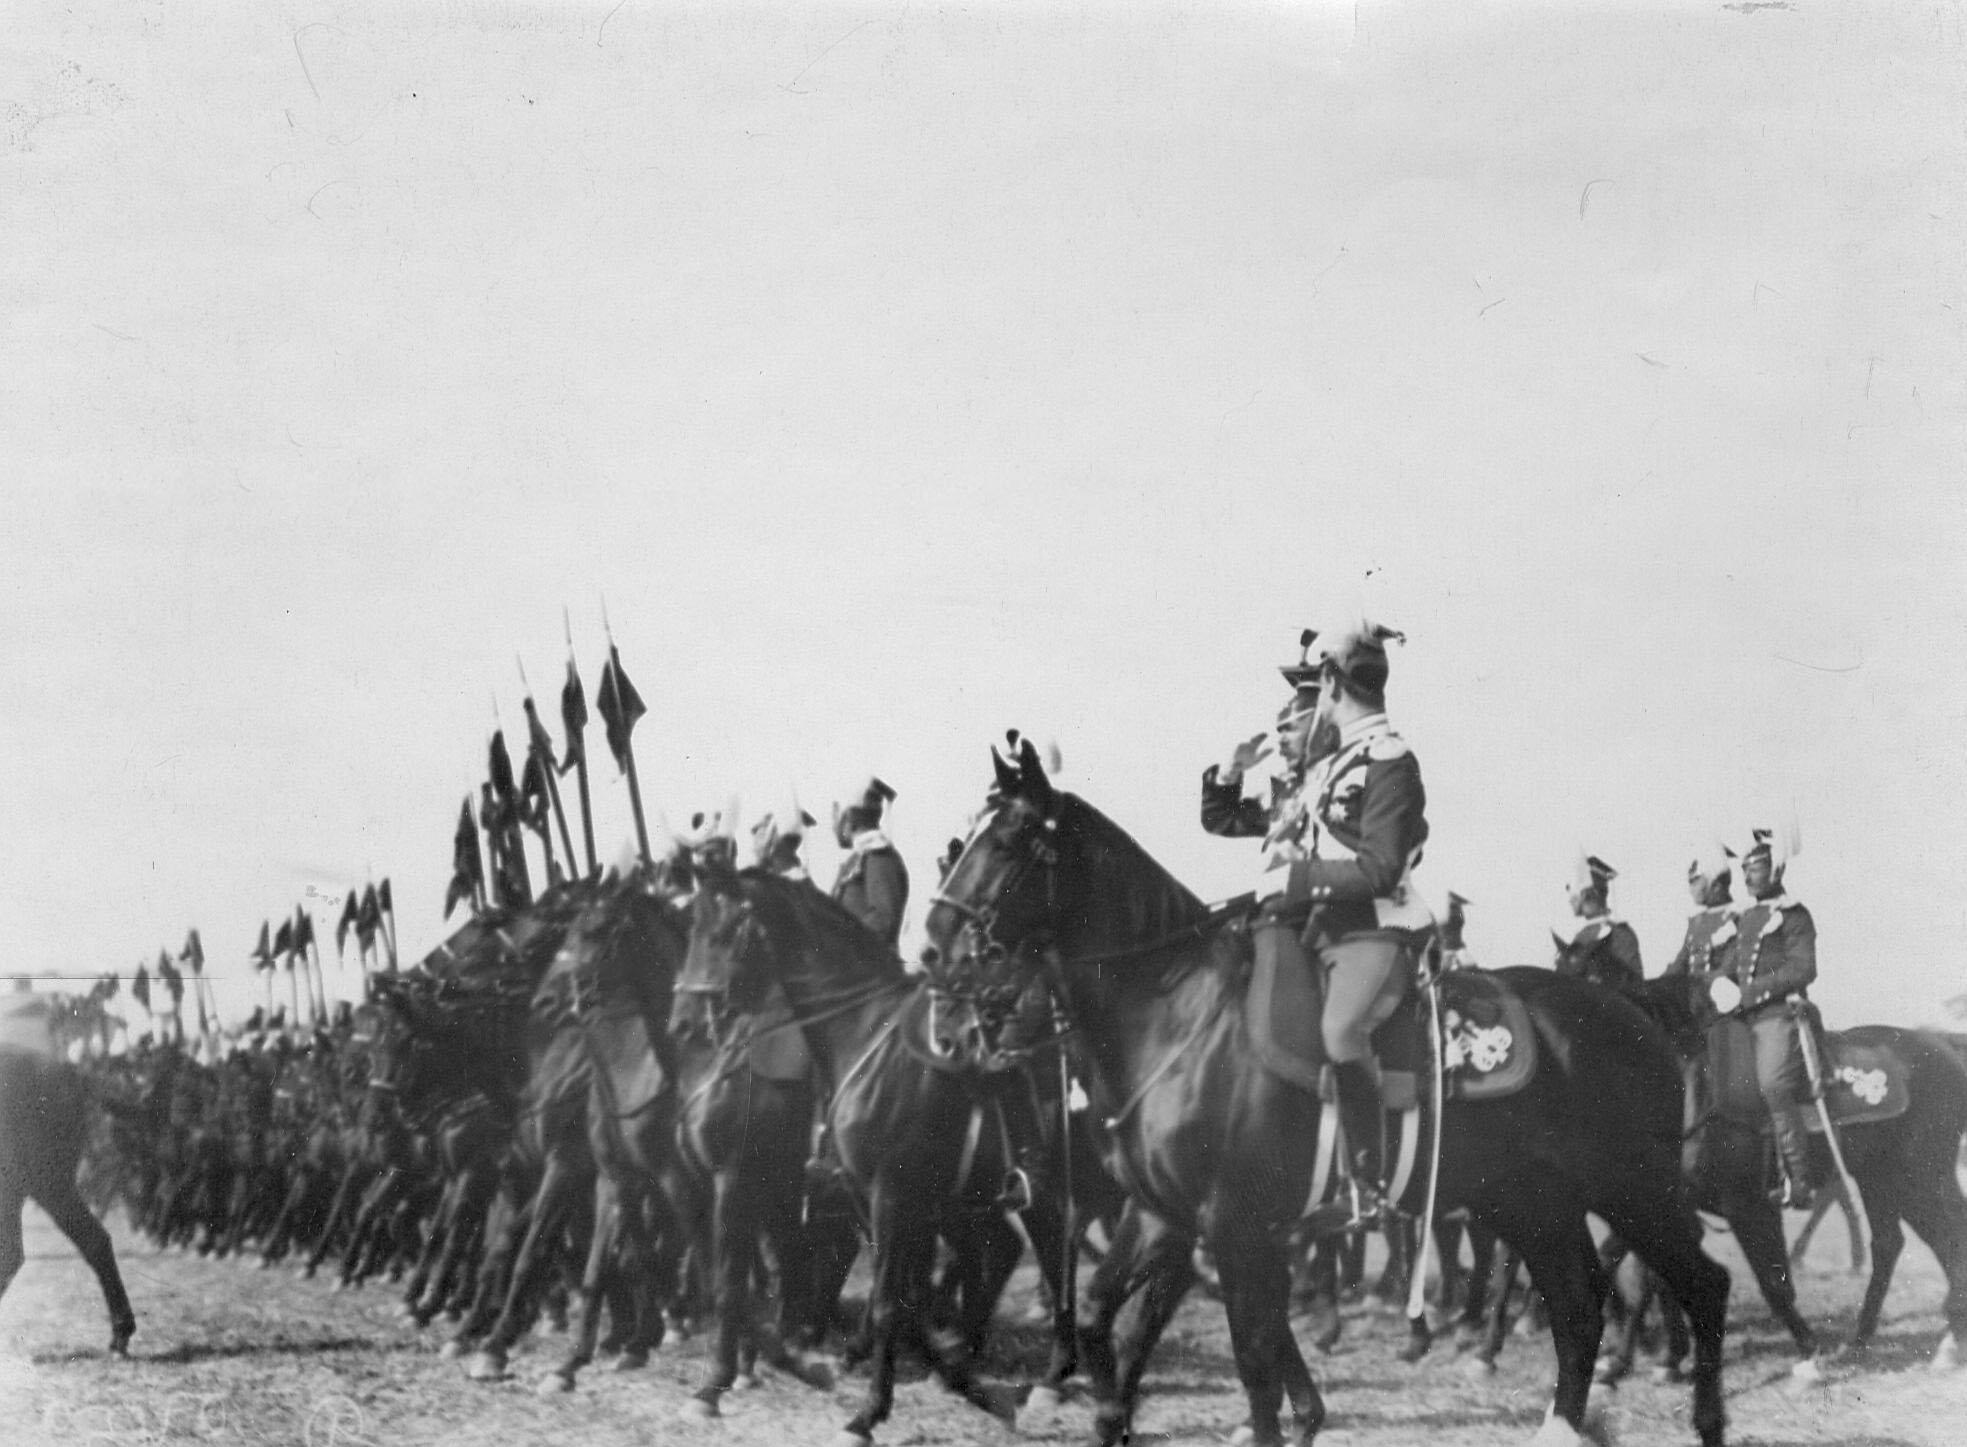 Уланы полка проходят церемониальным маршем мимо принимающих парад в день празднования 250-летнего юбилея полка. Слева на фланге - великий князь Михаил Александрович